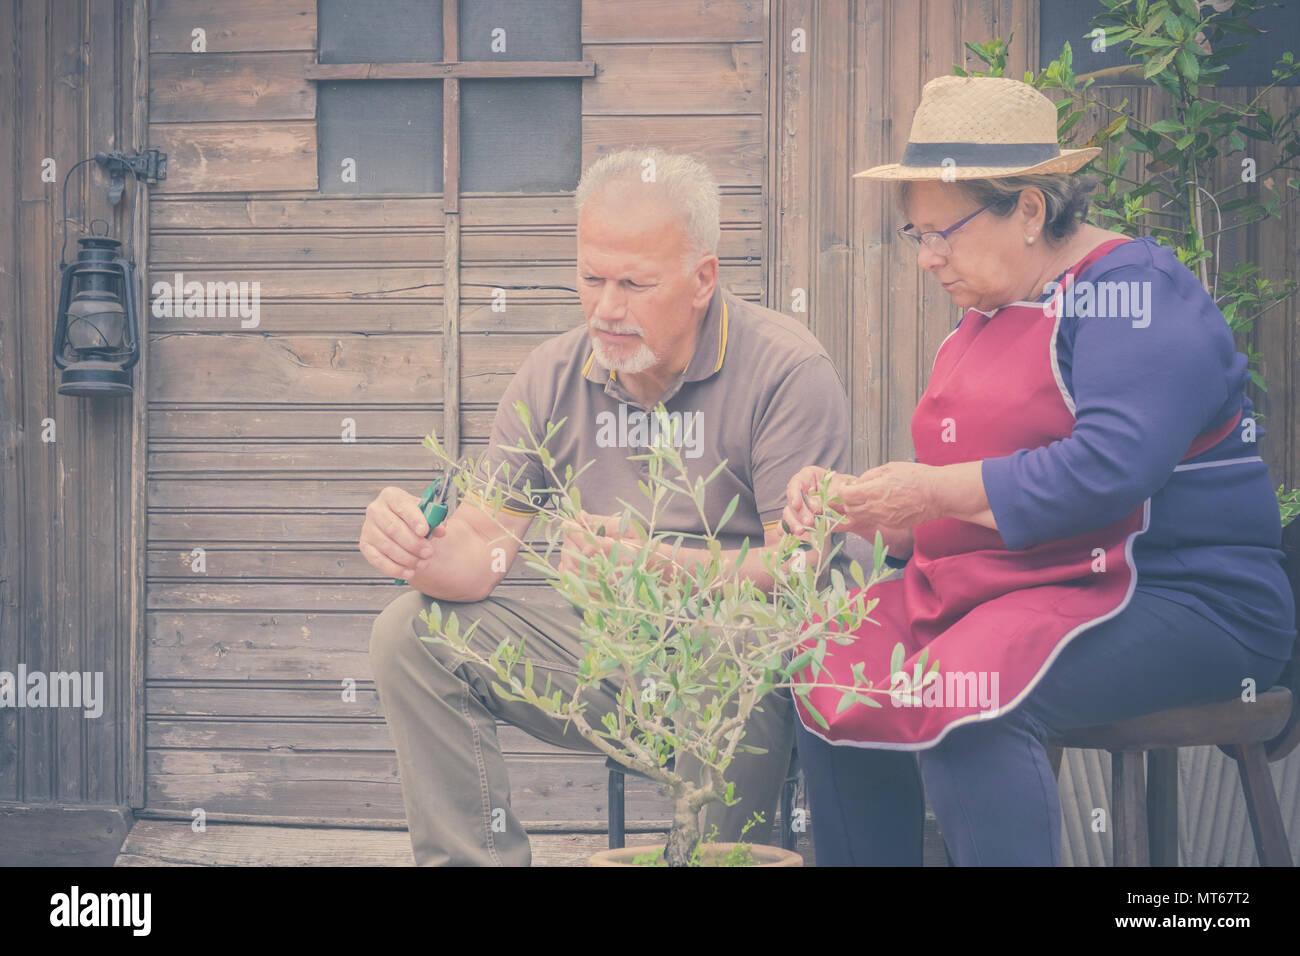 Ältere ältere Paare in der Landschaft wie Home Farm arbeiten zusammen, mit Pflanzen, Schneiden und setzen sie instand. Familie Konzept des Lebens für immer zusammen mit l Stockbild